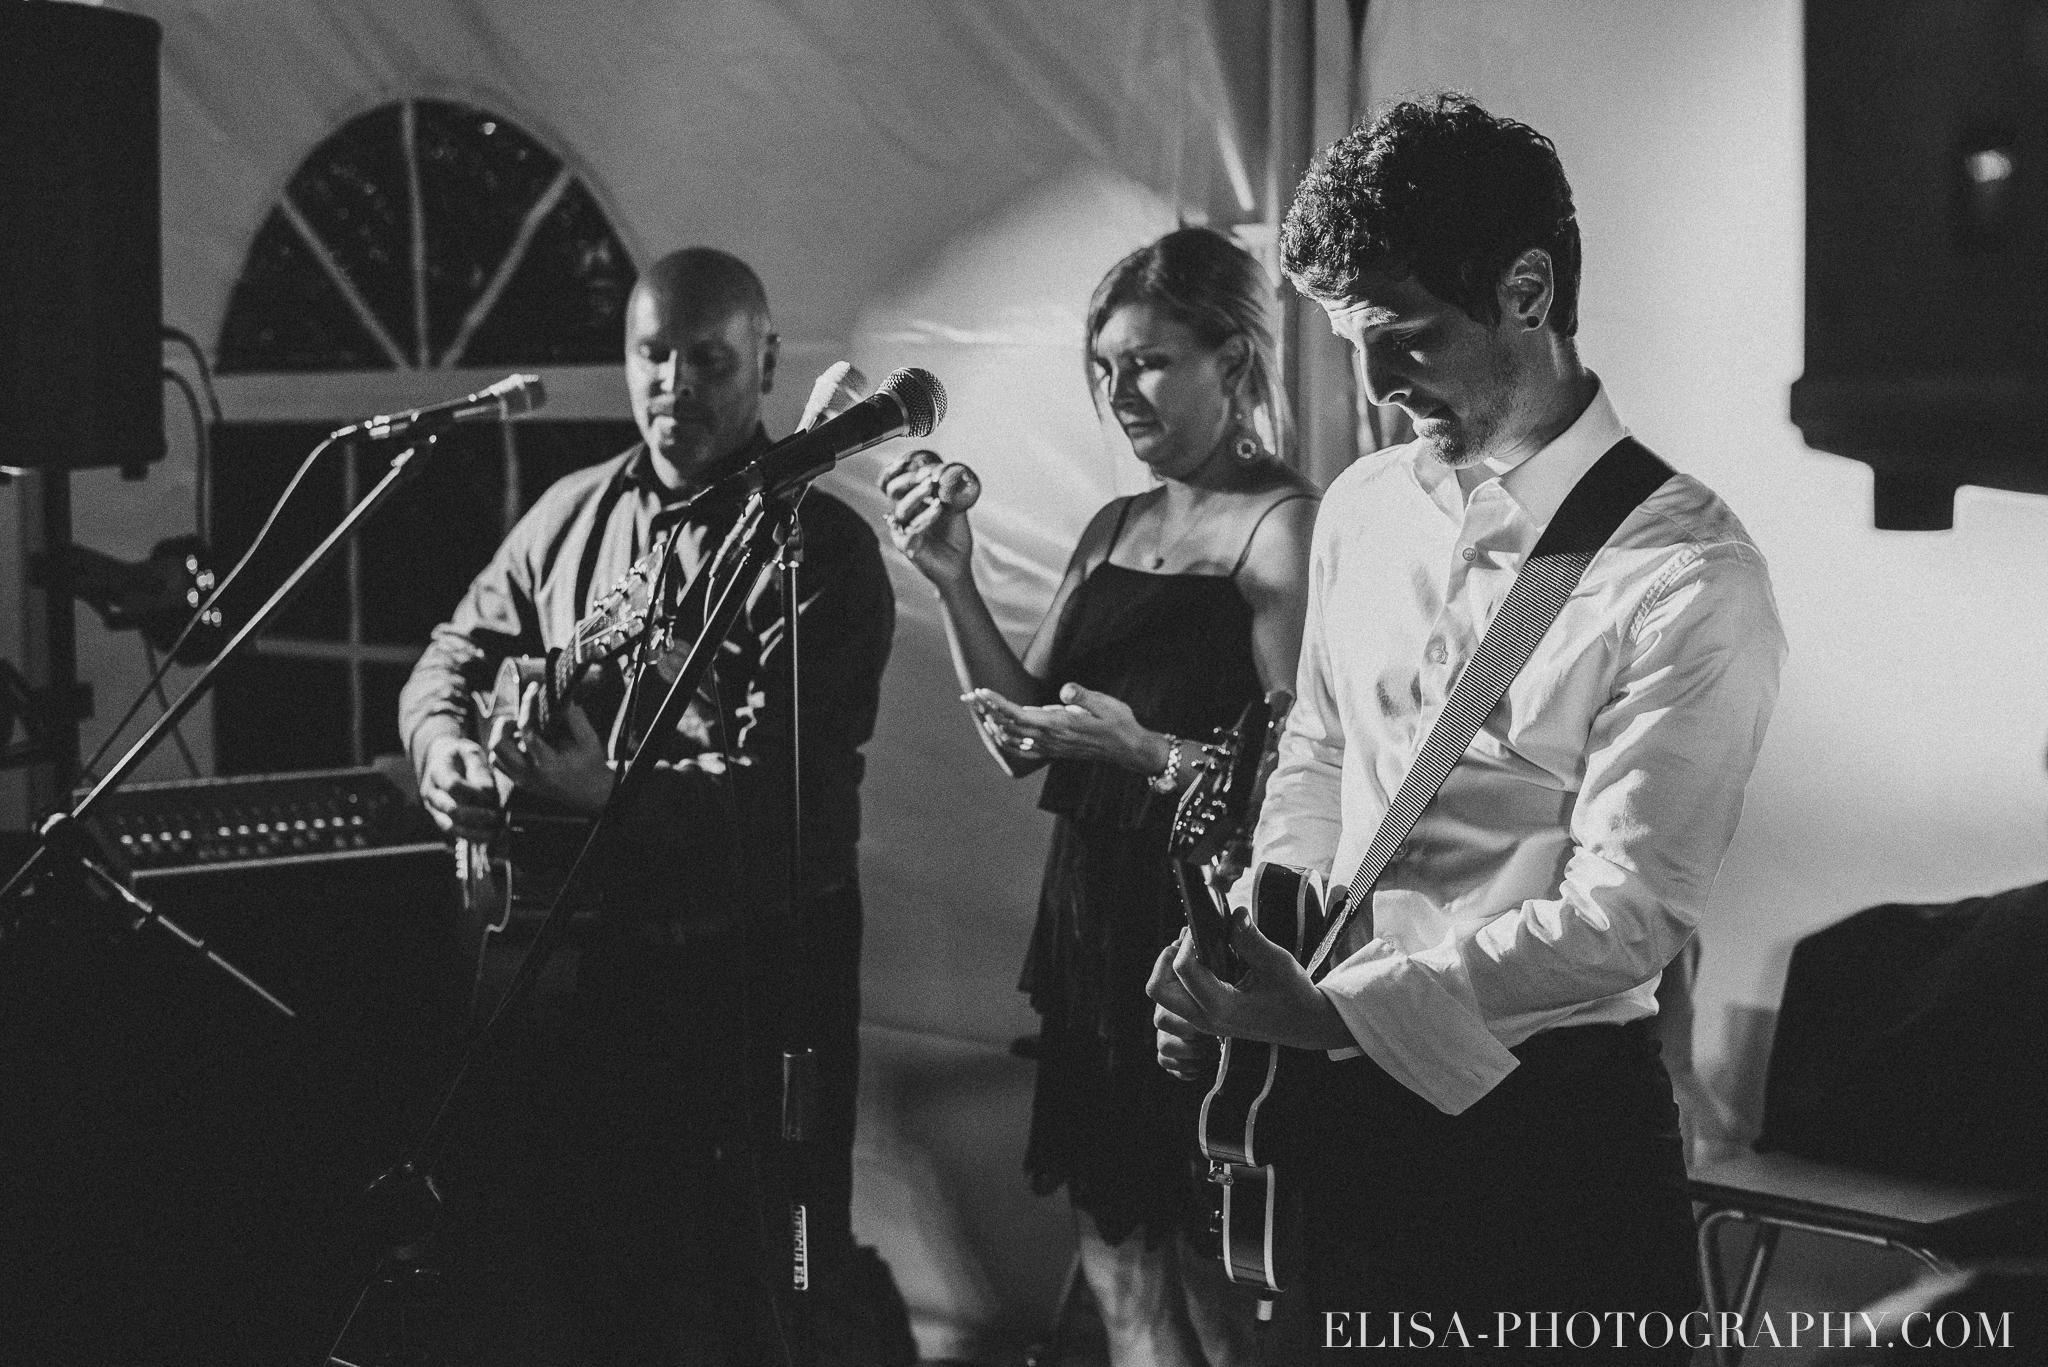 photo mariage reception musicien chapiteau chic ville de quebec domaine prive estate bord de l eau 5234 - Mariage sur un domaine privé au bord de l'eau: Emmanuelle & Marc-Antoine